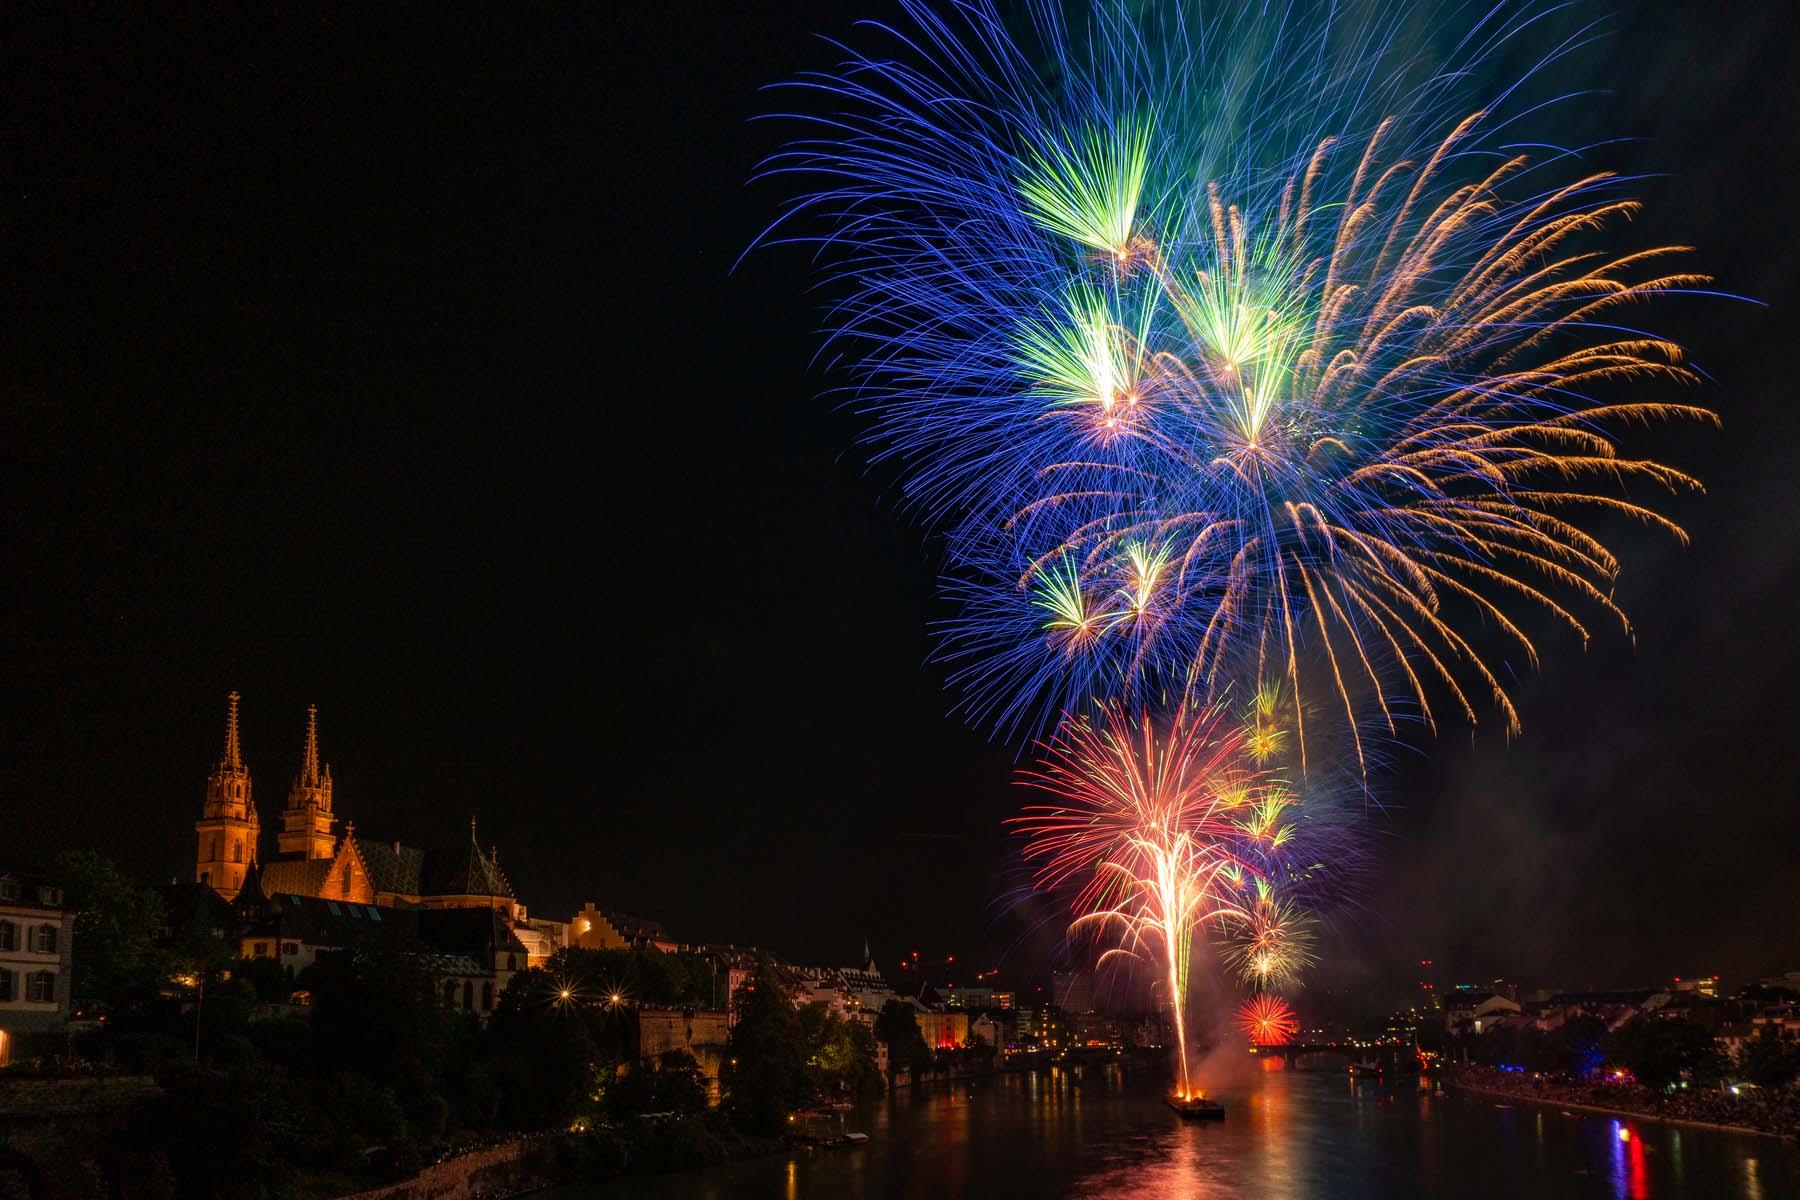 Fireworks on the Rhine